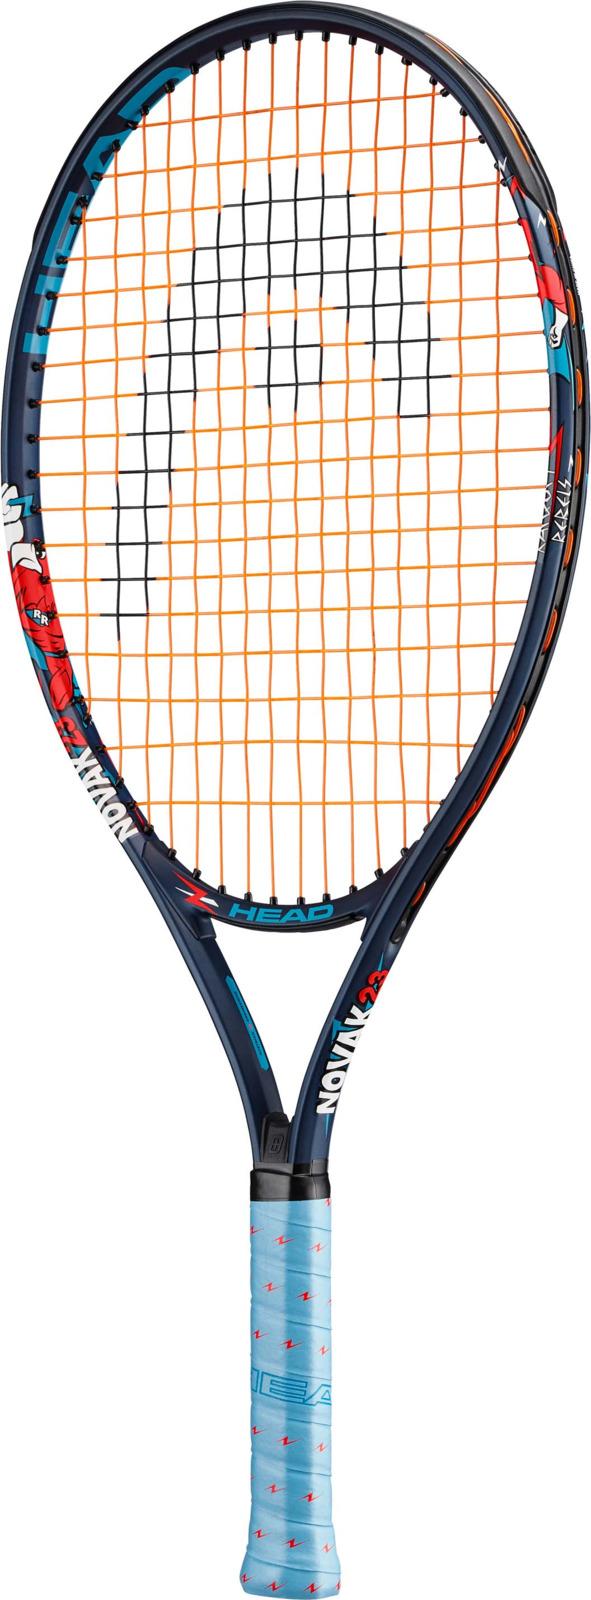 цены Ракетка теннисная Head Novak 23, синий, ручка 6